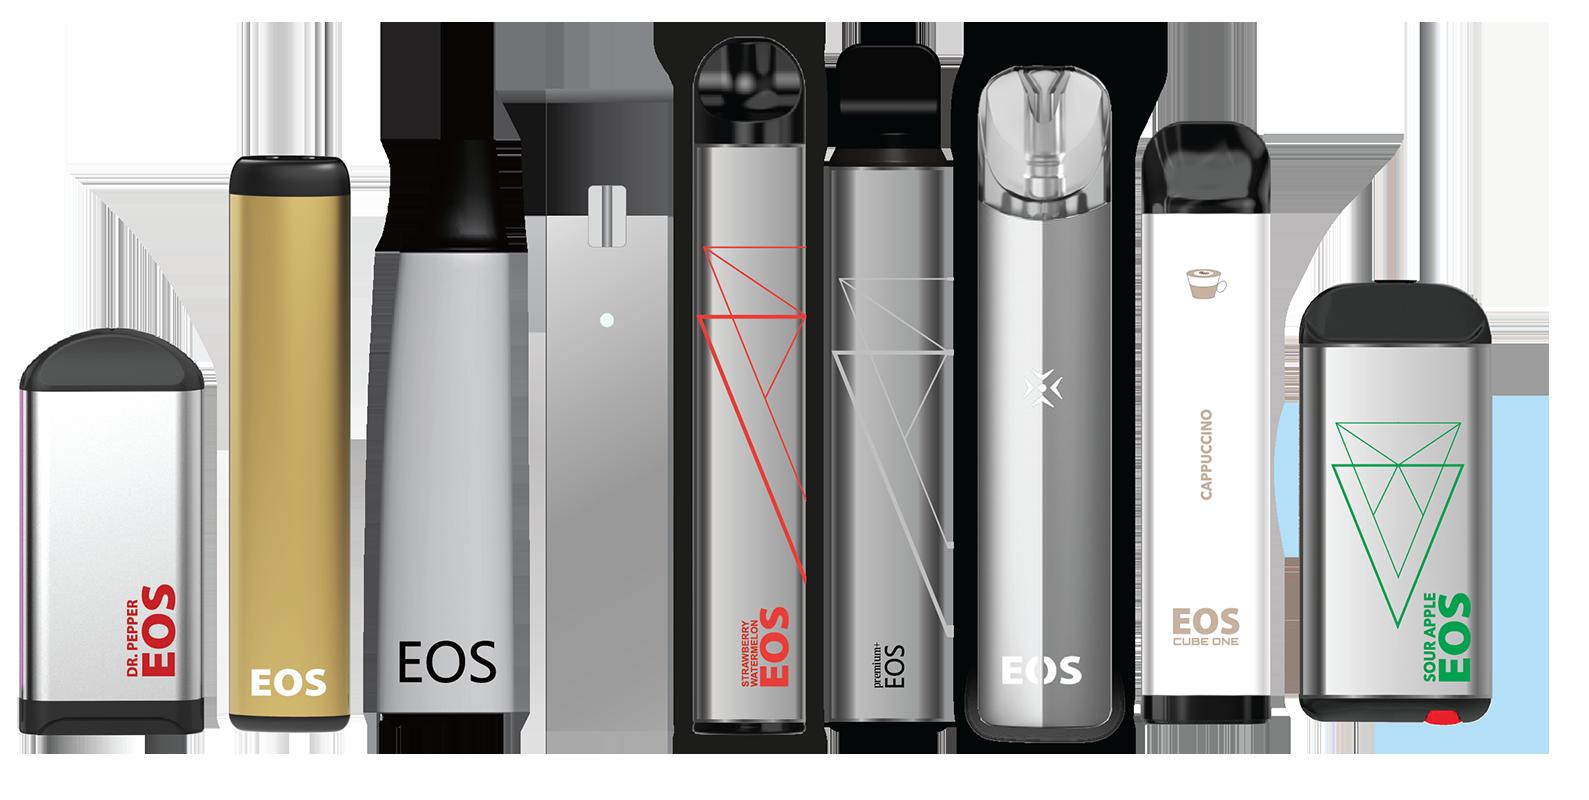 Сигареты электронные одноразовые eos купить gang электронные сигареты